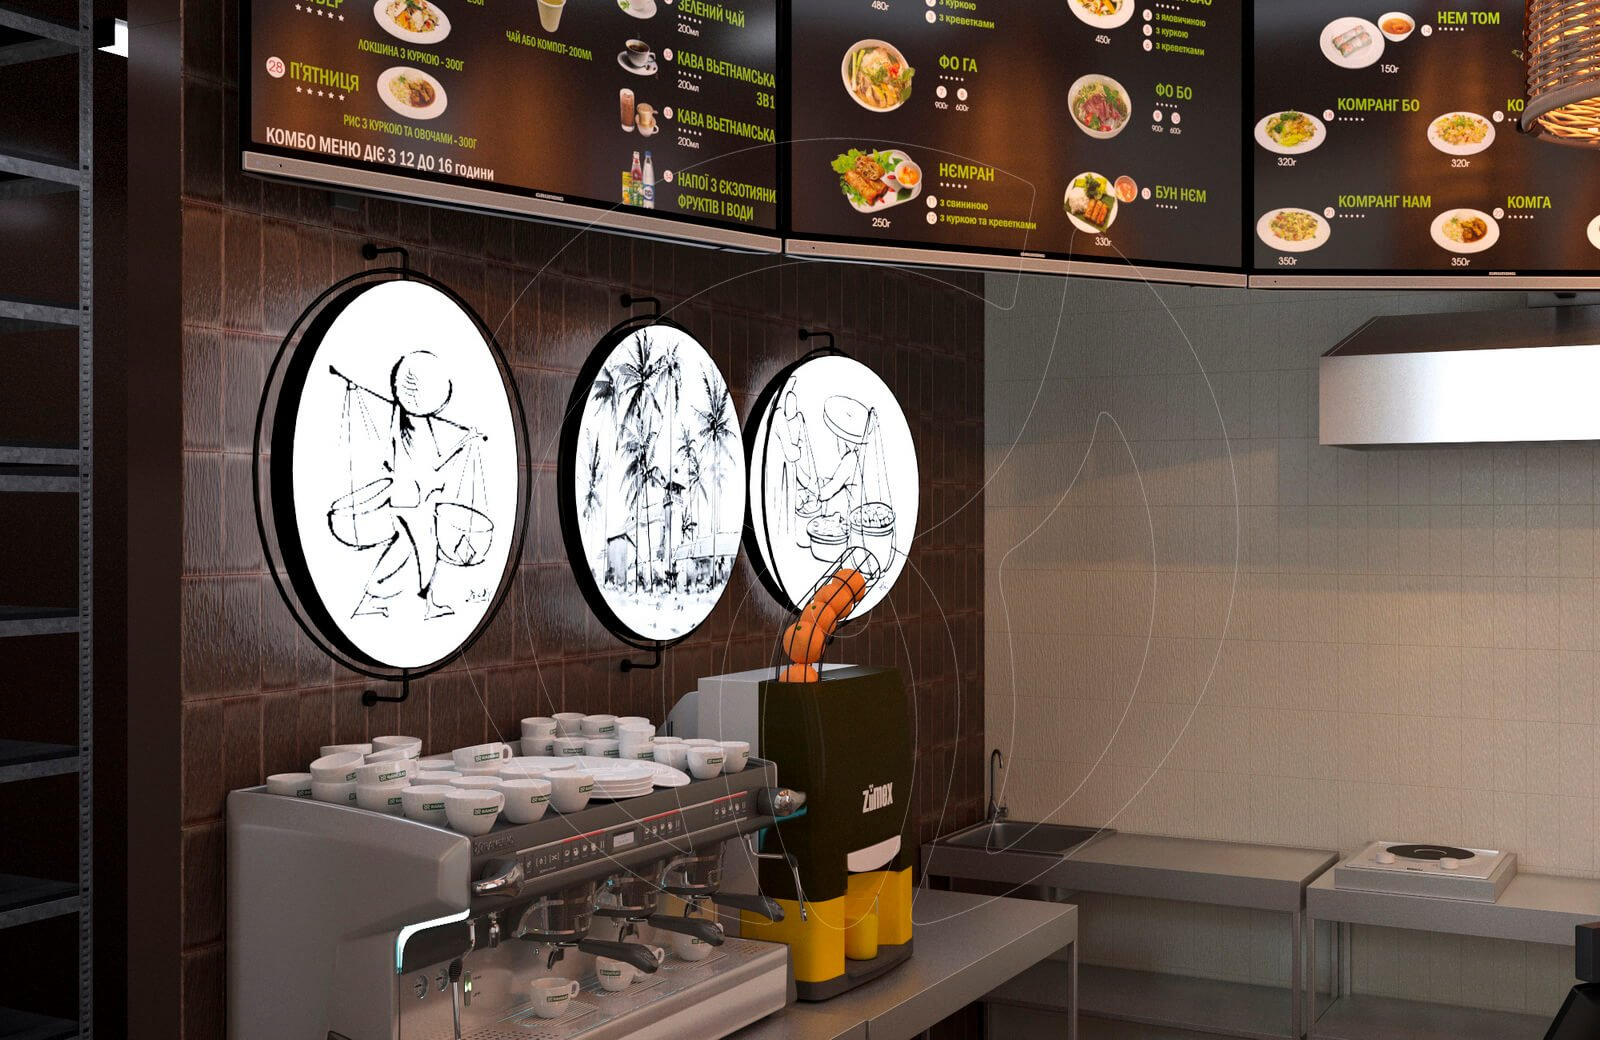 Ресторан fast food NEM. Декор в зоне выдачи